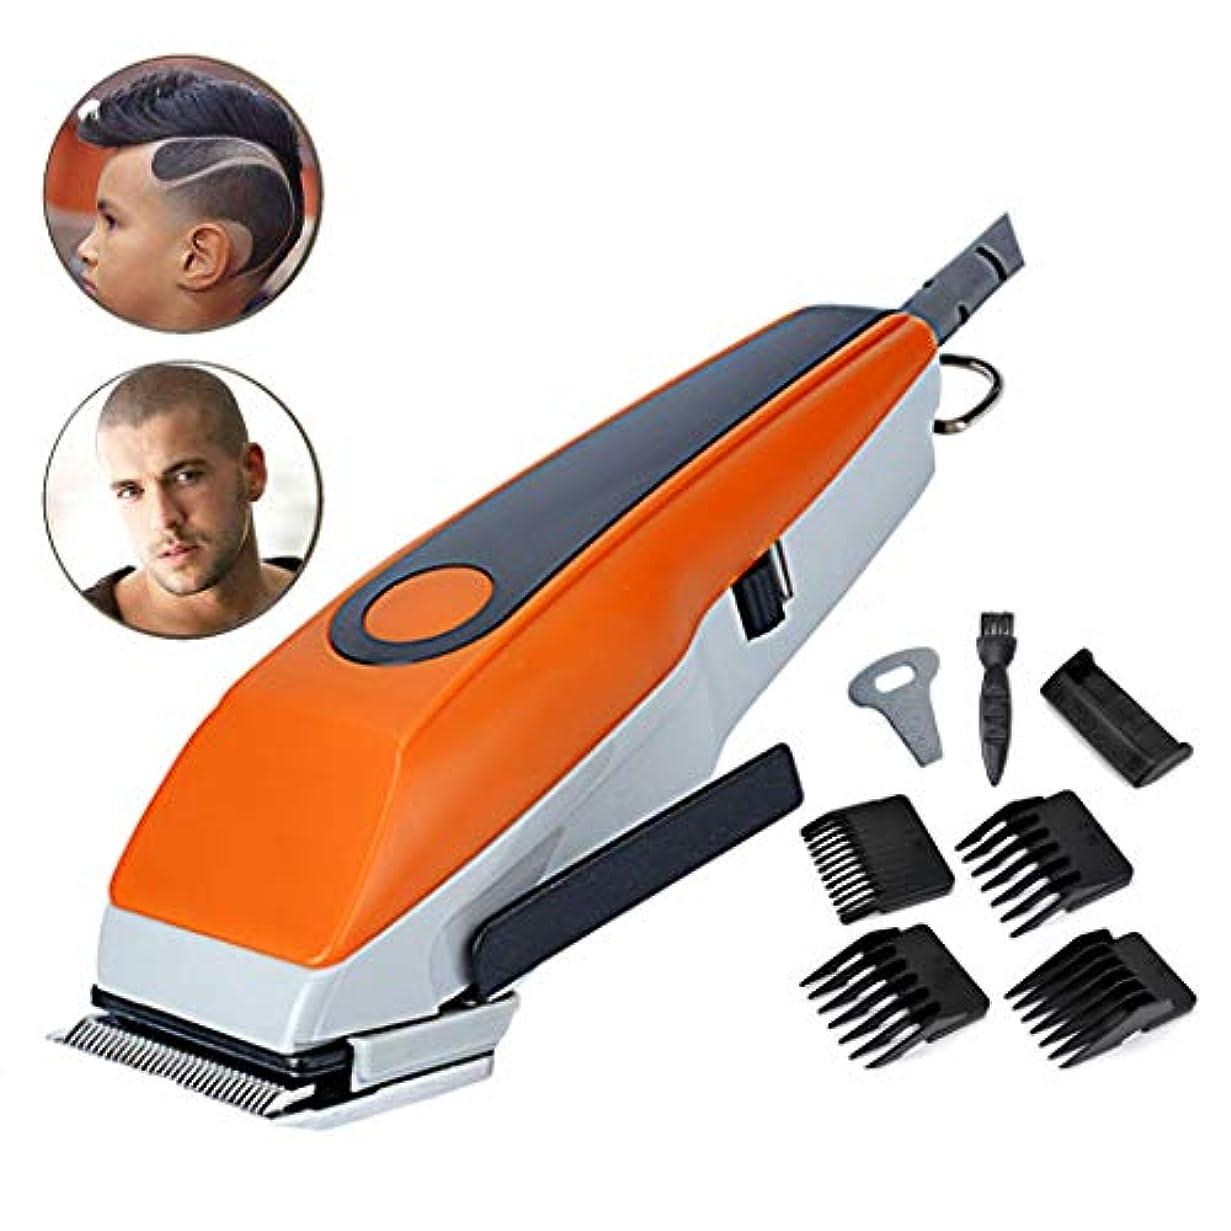 電報キャンペーンペレットバリカンはげかかった専門のバリカンメンズ電気シェーバー低雑音の毛の切断